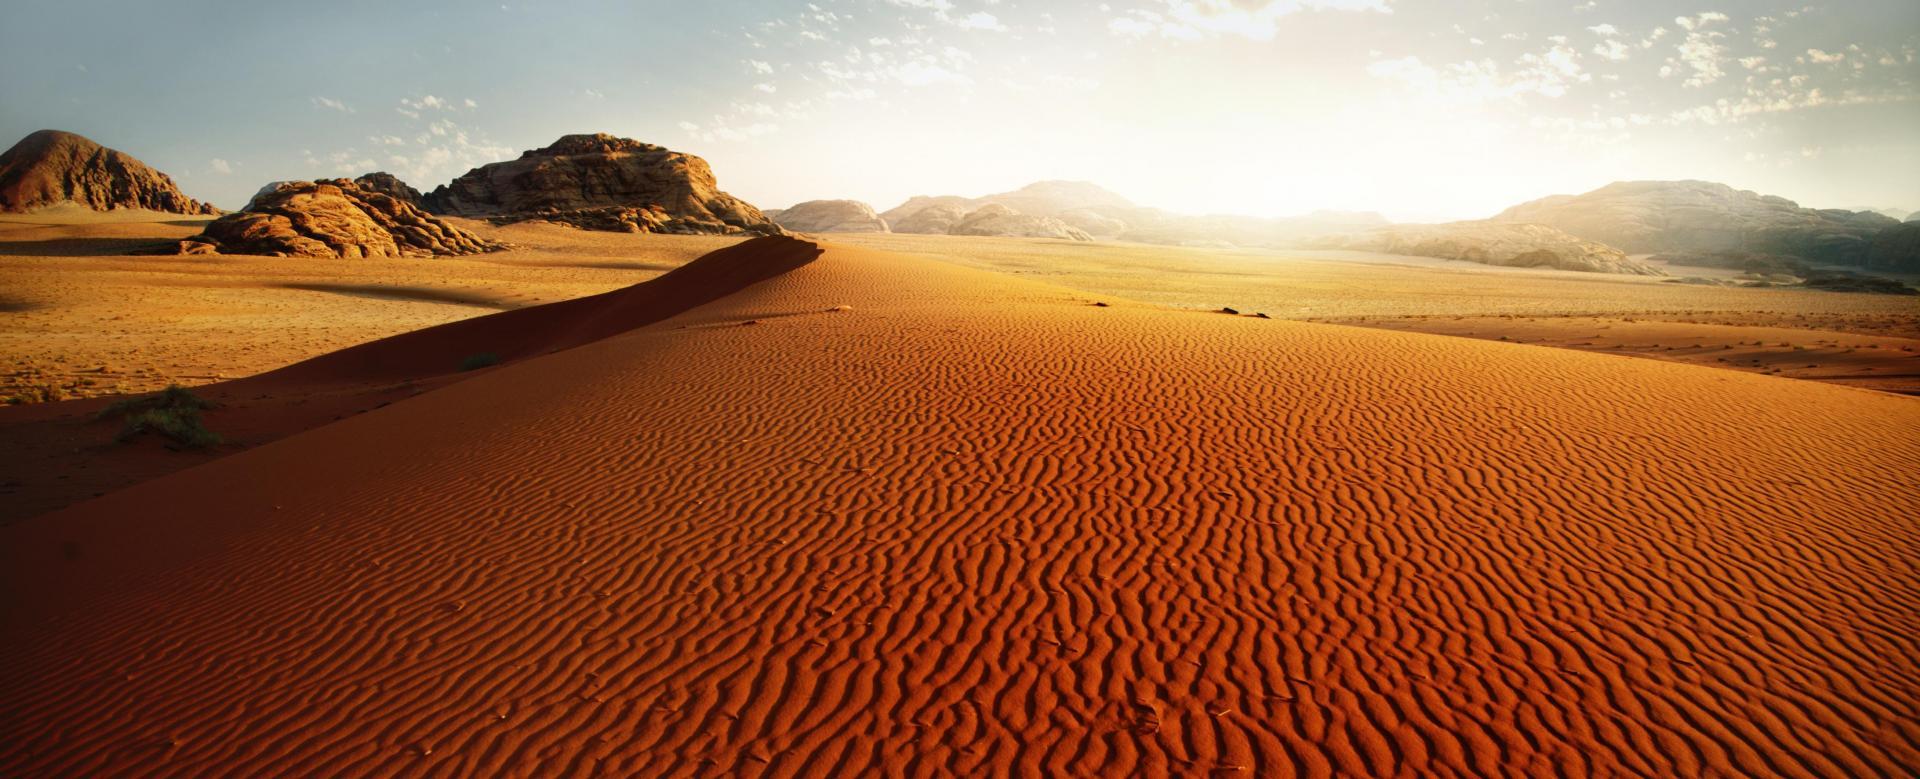 Voyage à pied : Du désert pourpre à pétra l'intemporelle